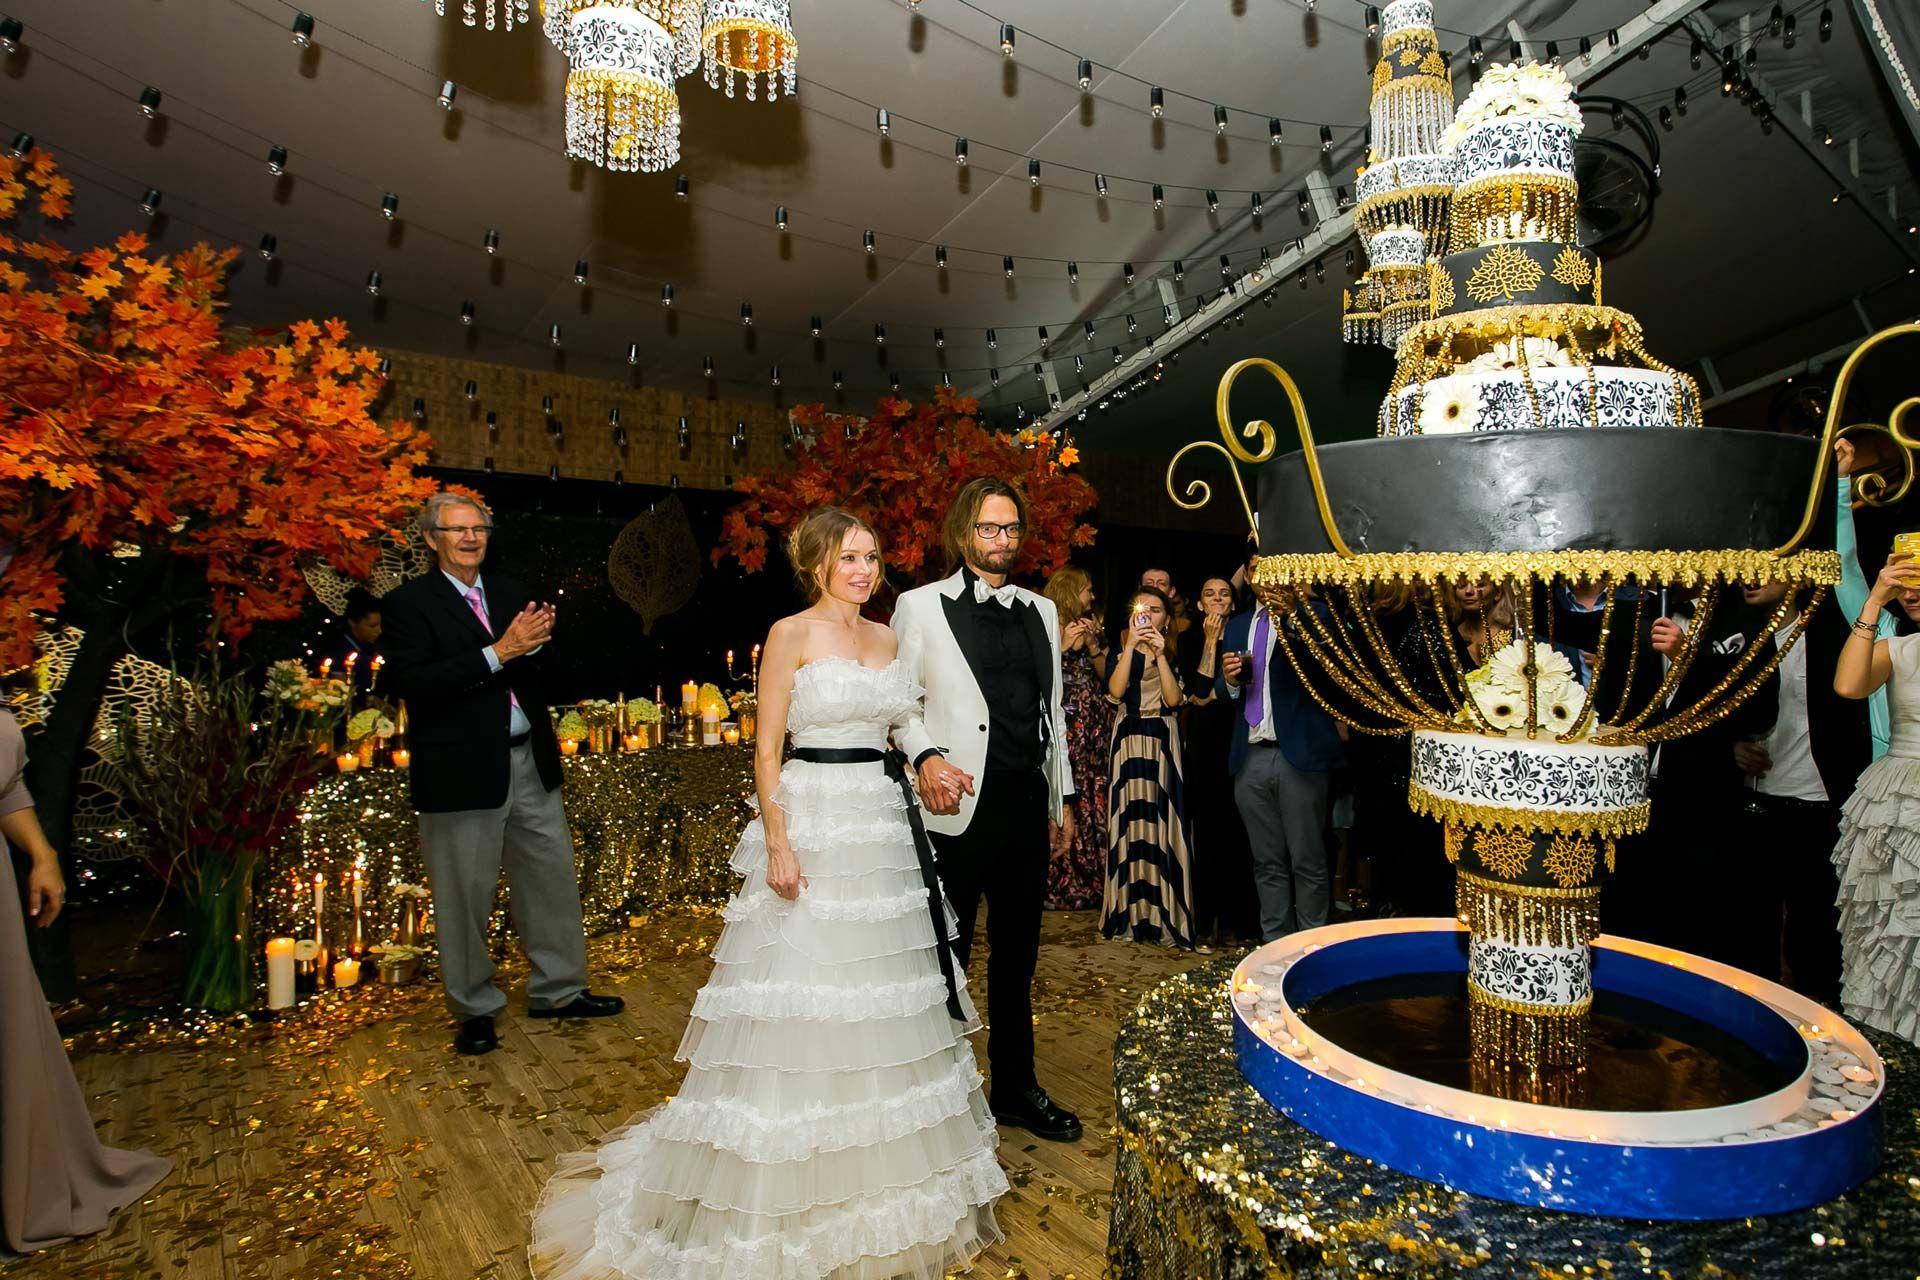 Свадьба Томаса Невергрина и Валерии Жидковой, репортаж, фото 24